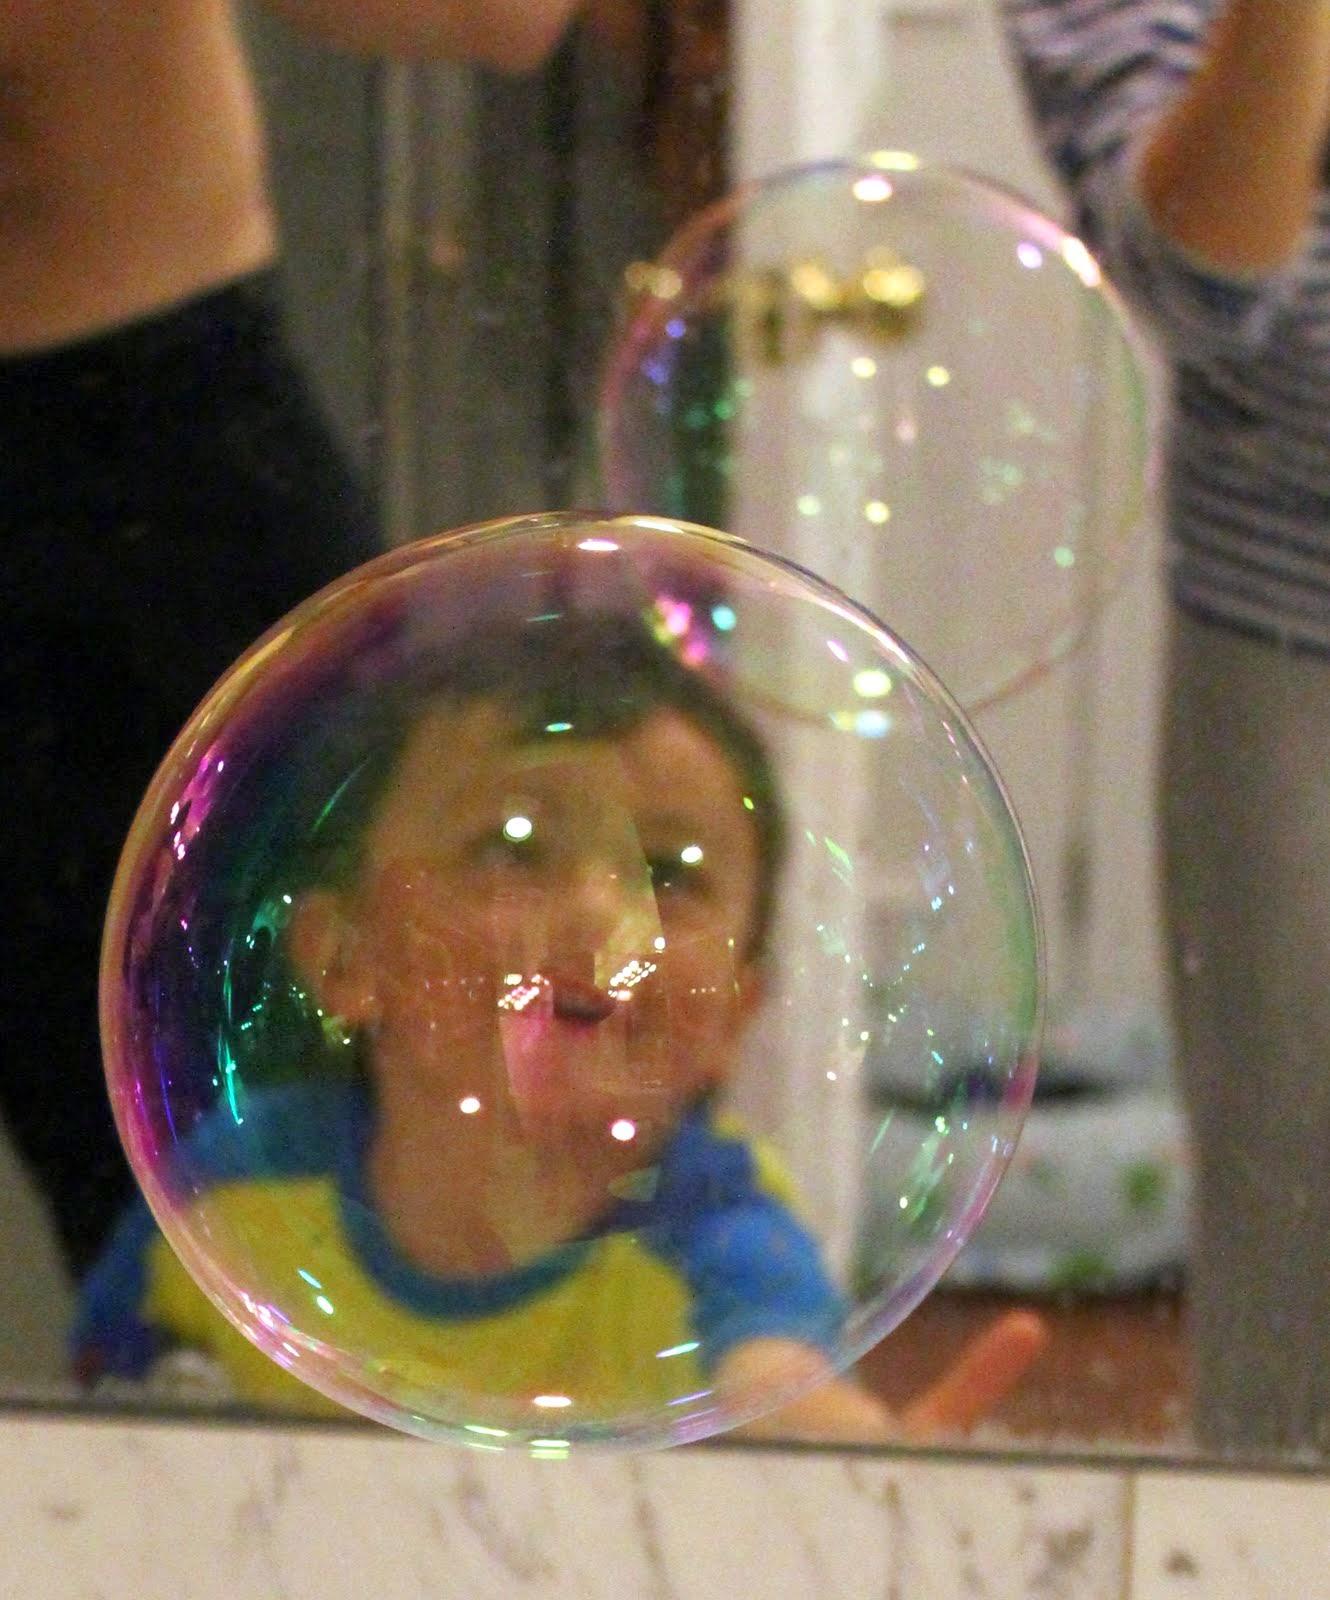 Как сделать мыльные пузыри в домашних условиях: 7 рецептов 40